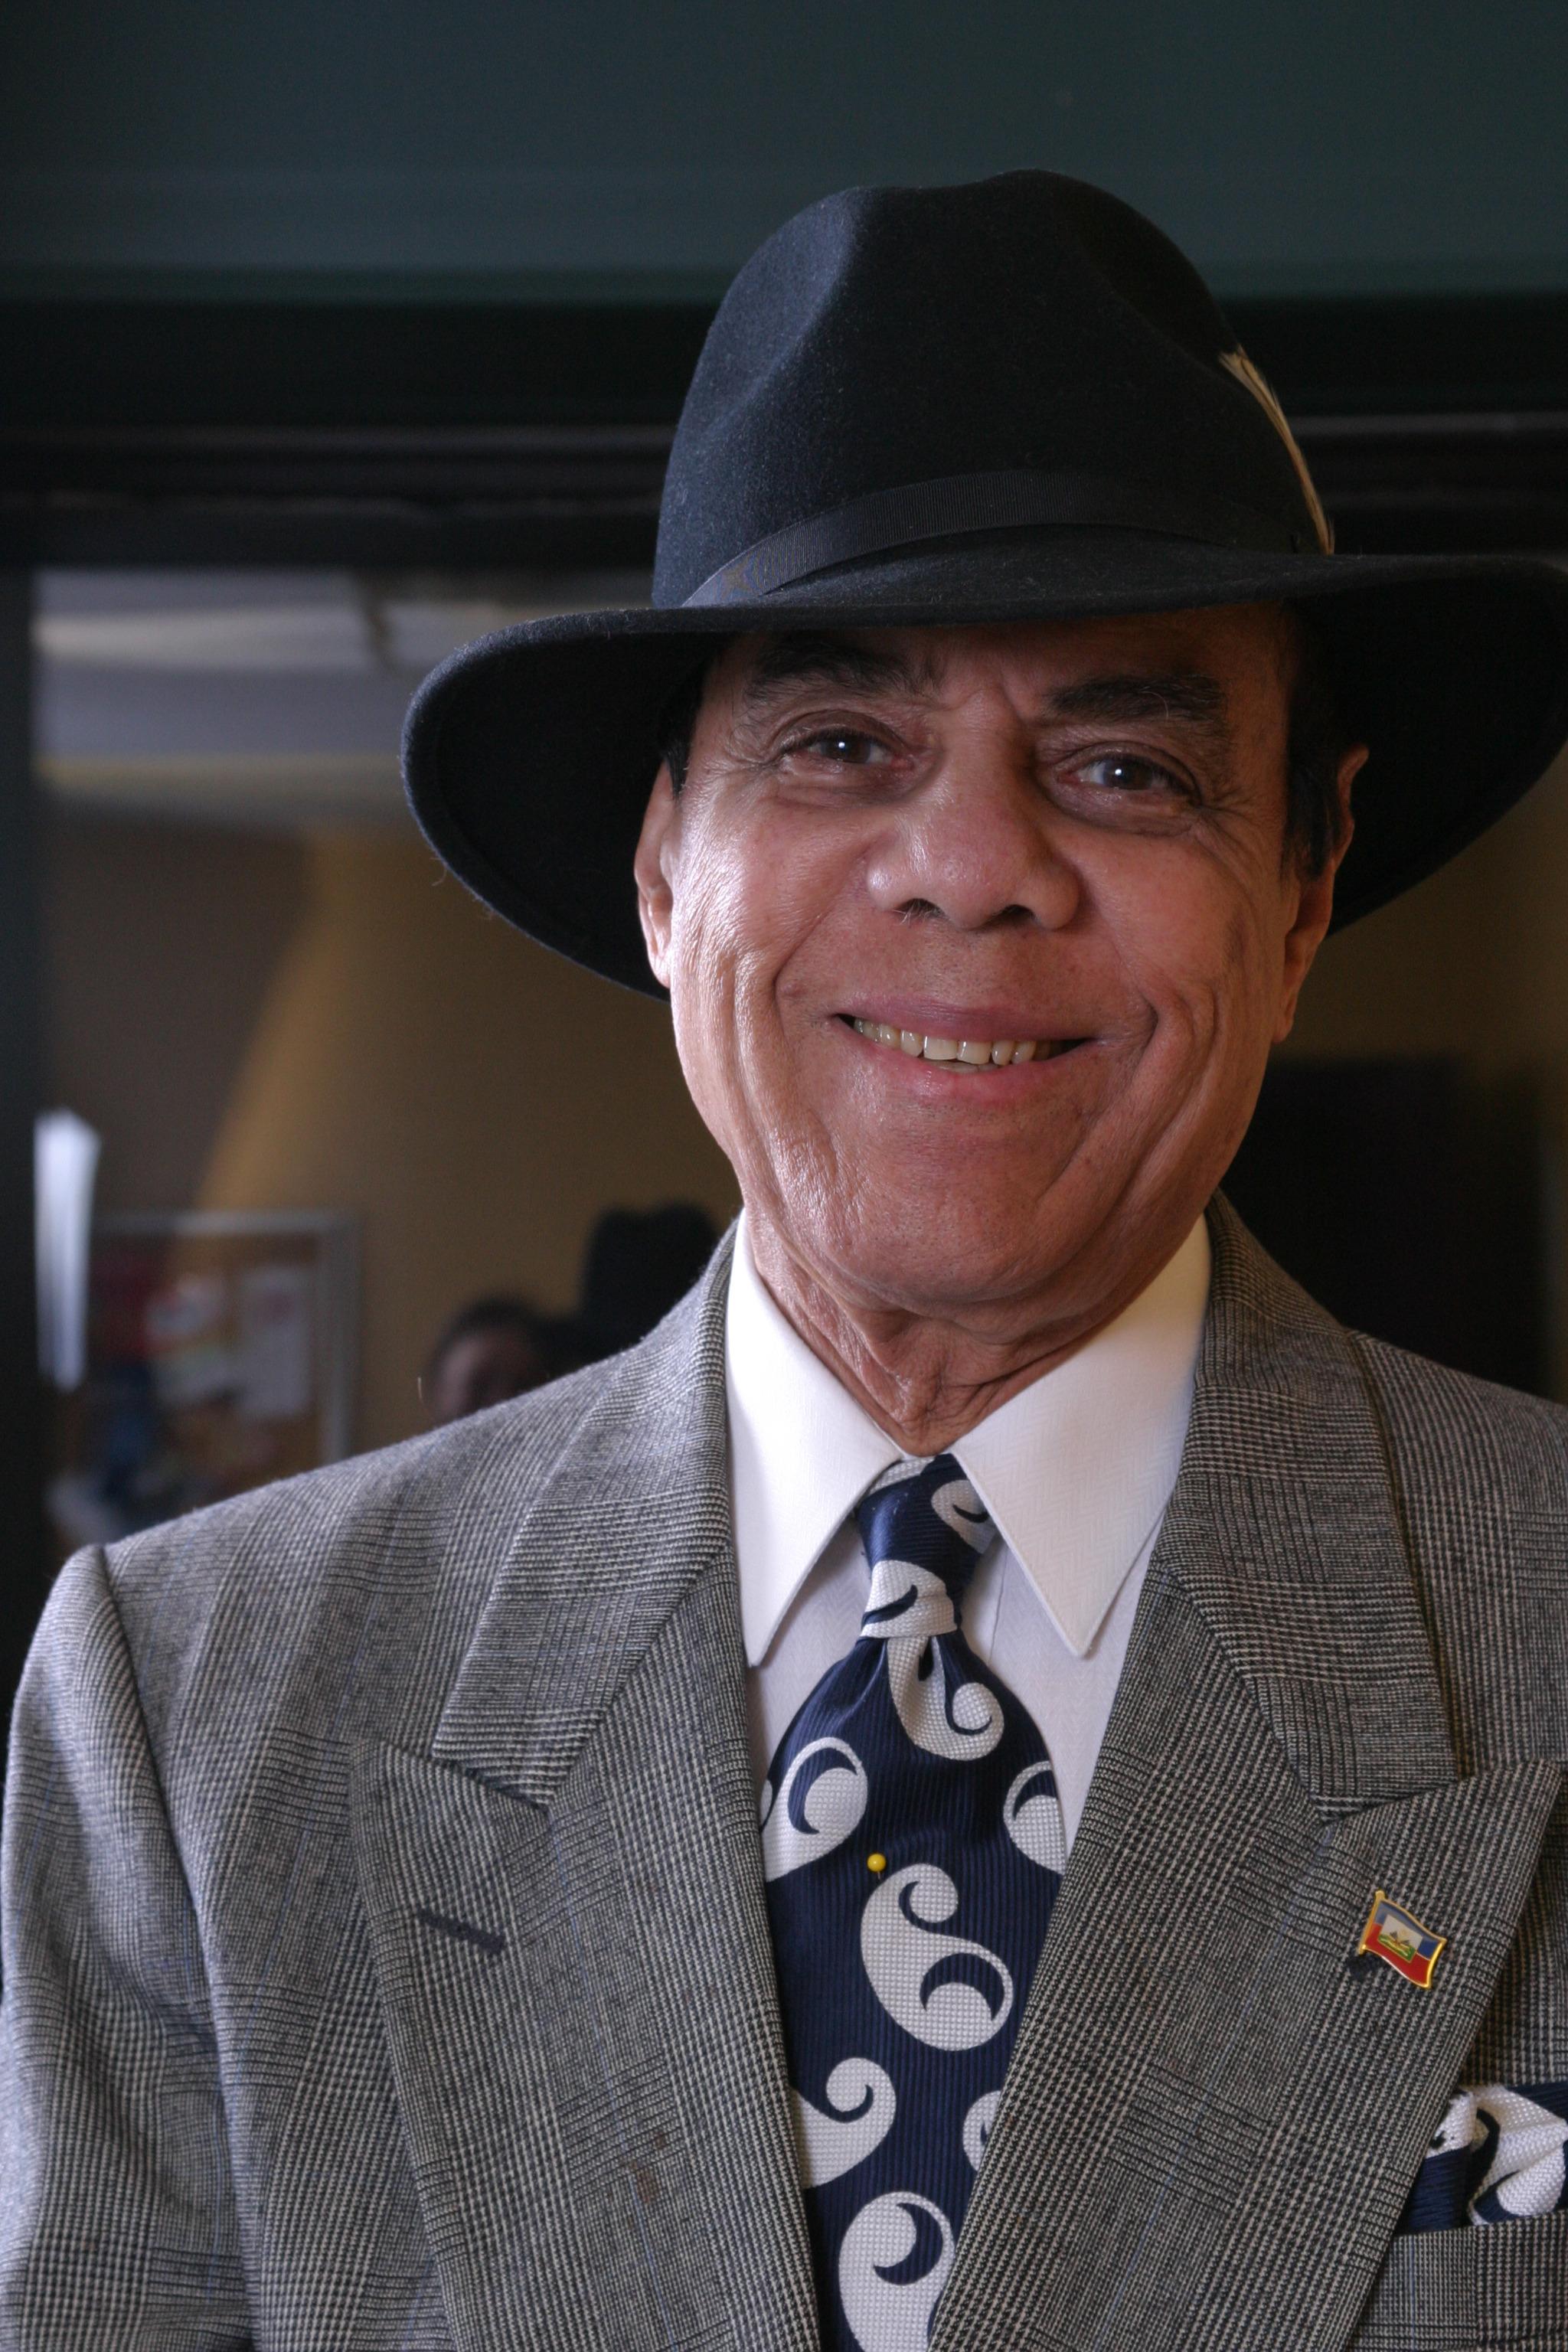 Photo de Joe Trouillot souriant et portant chapeau et cravate.